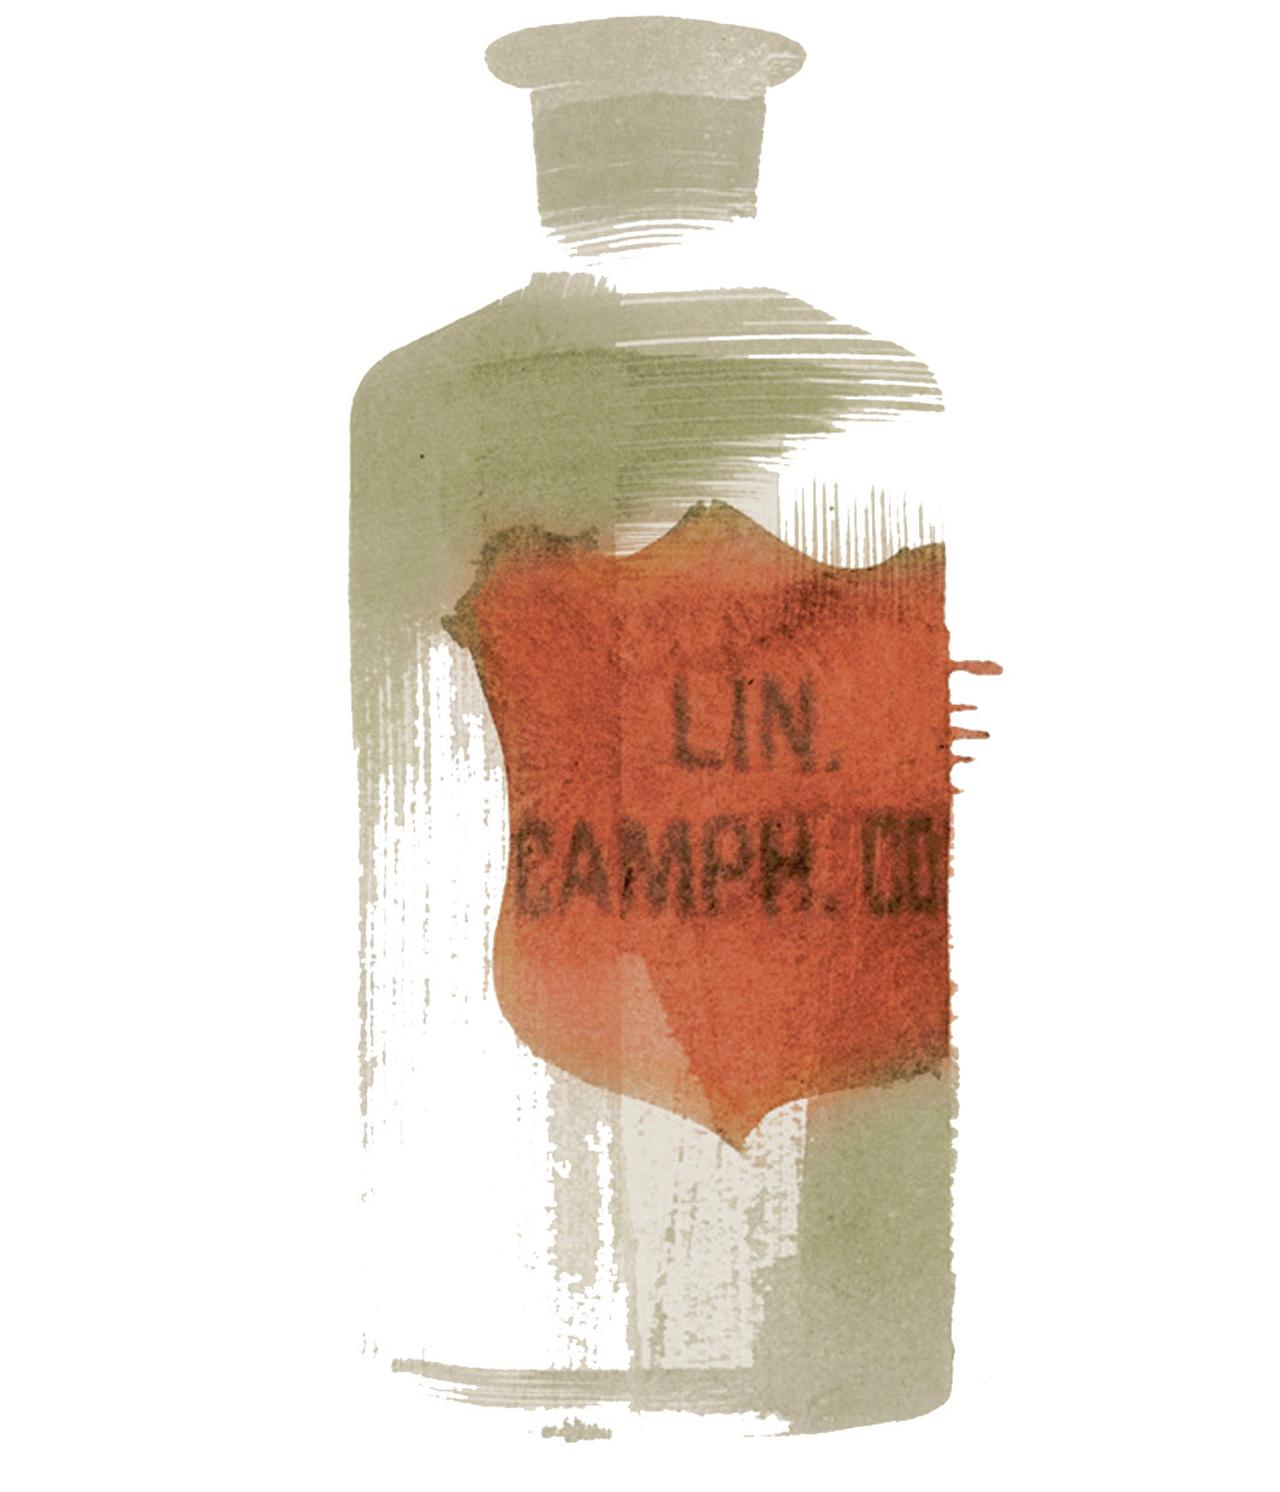 Images : 3番目の画像 - 「連載 Vol.4 コレクションは持ち主を語る。 ジュエリーデザイナー アナ・コーリのアンティーク薬瓶」のアルバム - T JAPAN:The New York Times Style Magazine 公式サイト